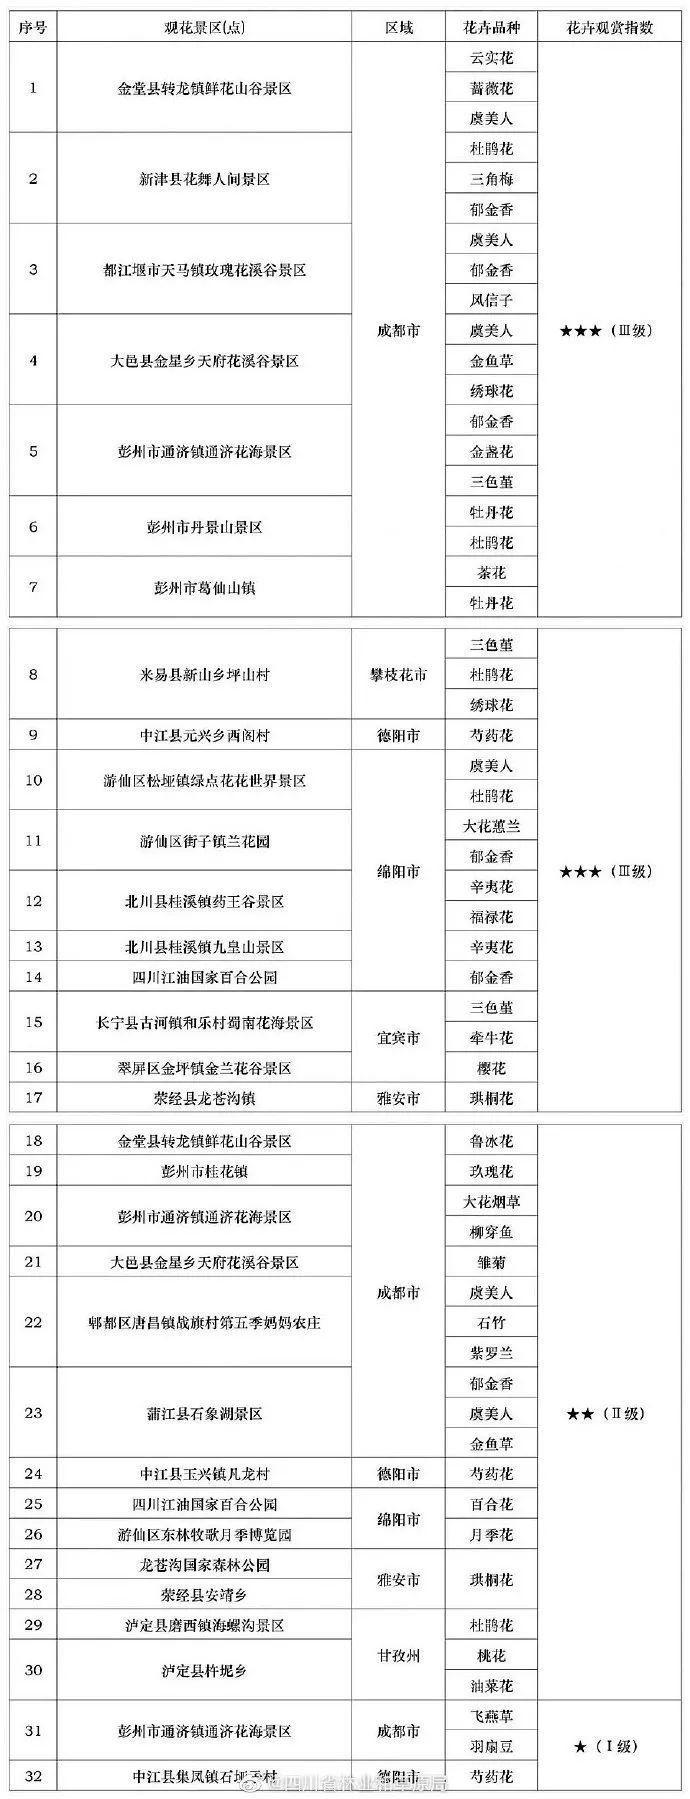 2019年四川第九期花卉观赏指数